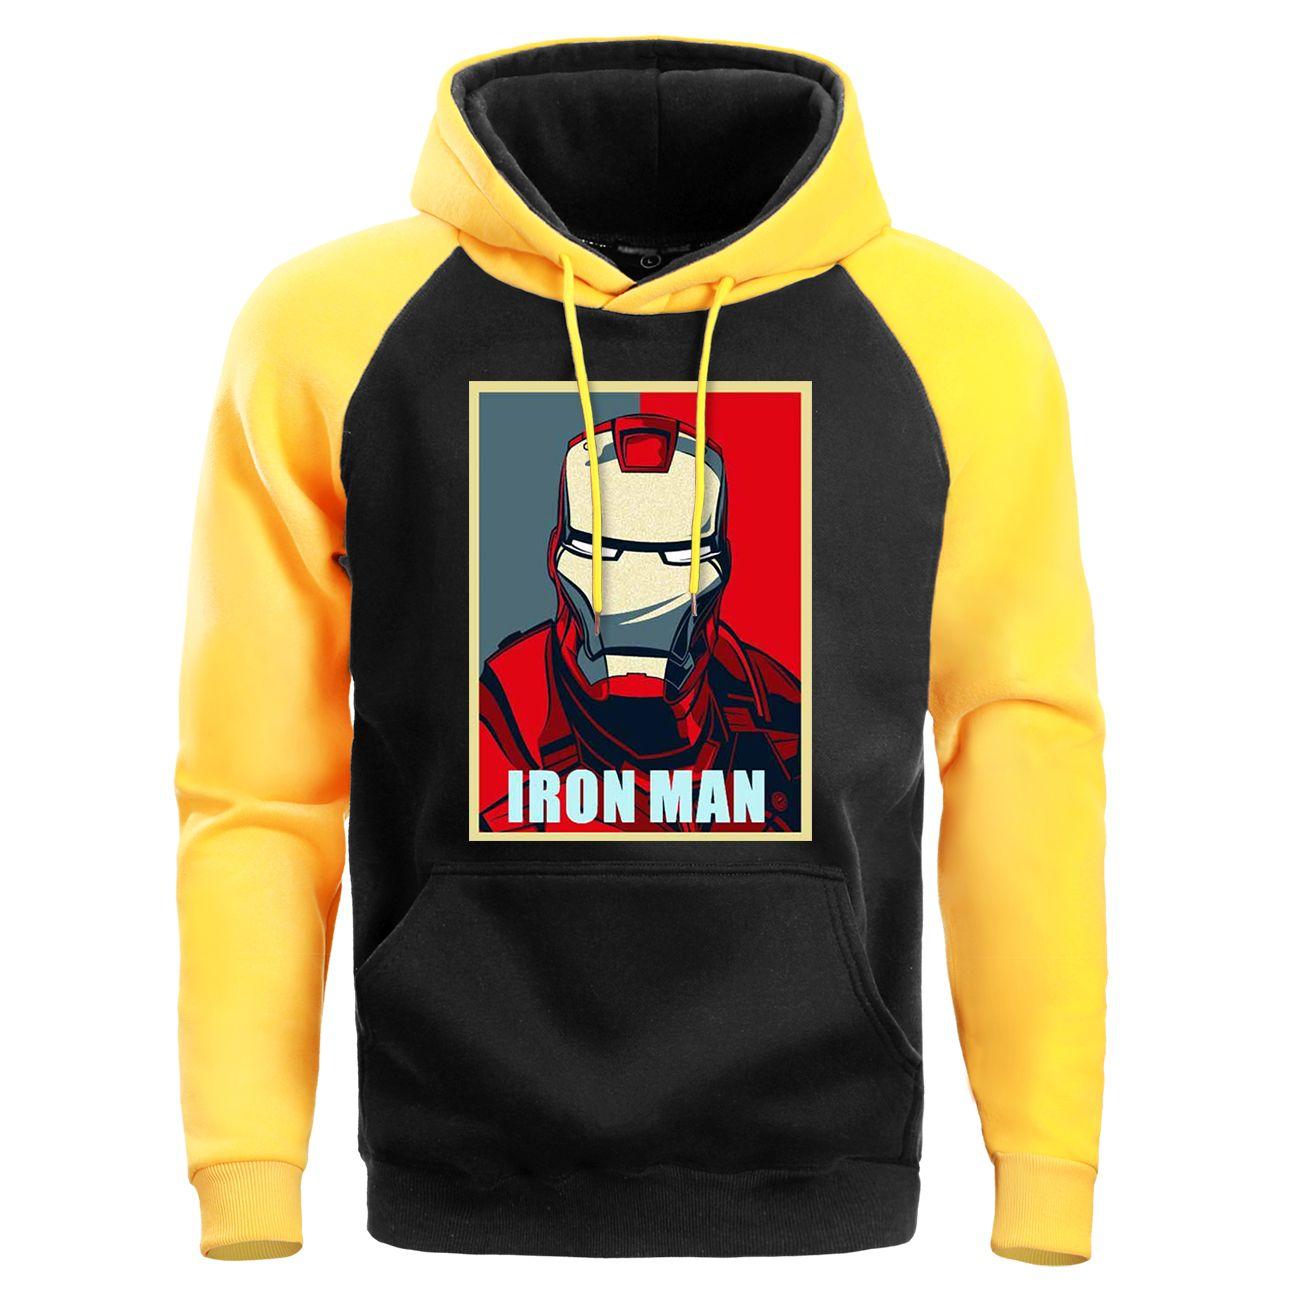 Marvel Iron Man Harajuku Sudaderas Superhéroe 2019 Hip Hop otoño invierno sudaderas Streetwear Moda para hombre con capucha Ropa